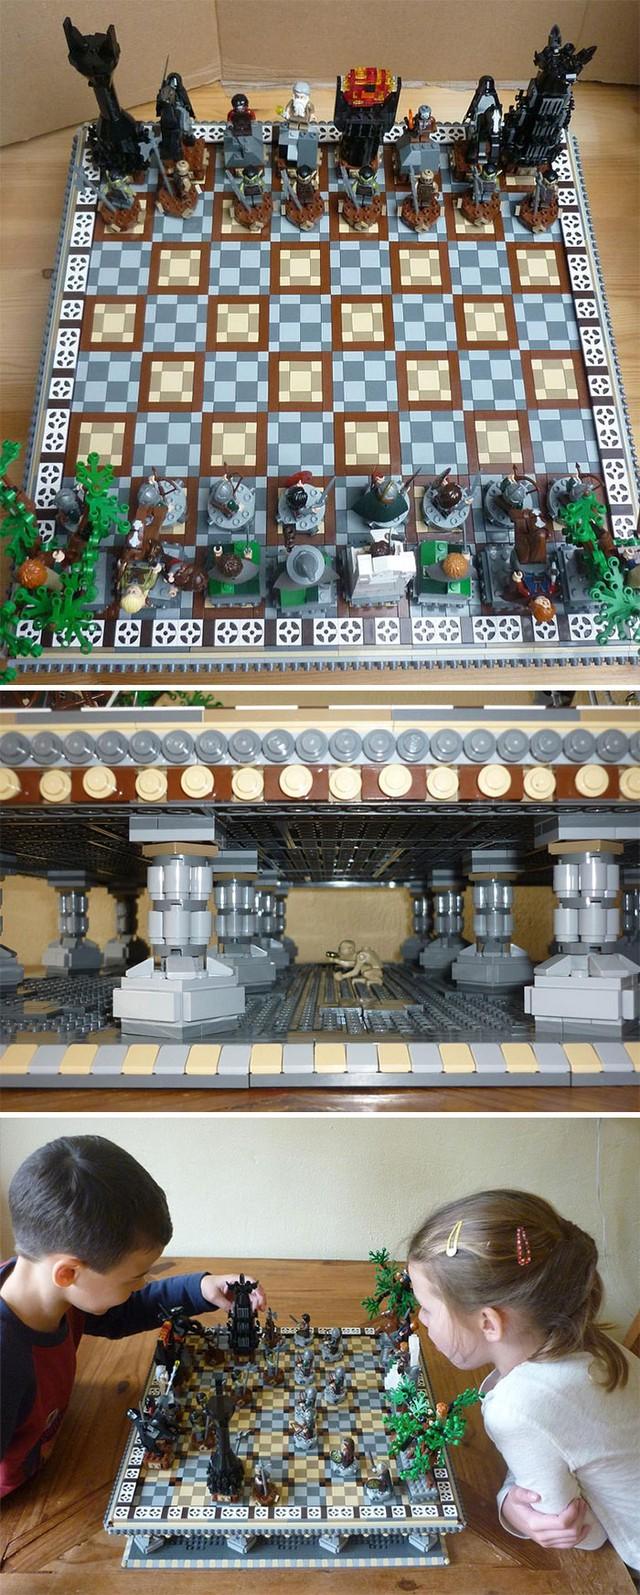 Bàn cờ vua LEGO theo phong cách Lord Of The Rings, bạn có để ý thấy Gollum đang ngồi hóng ở bên dưới không?